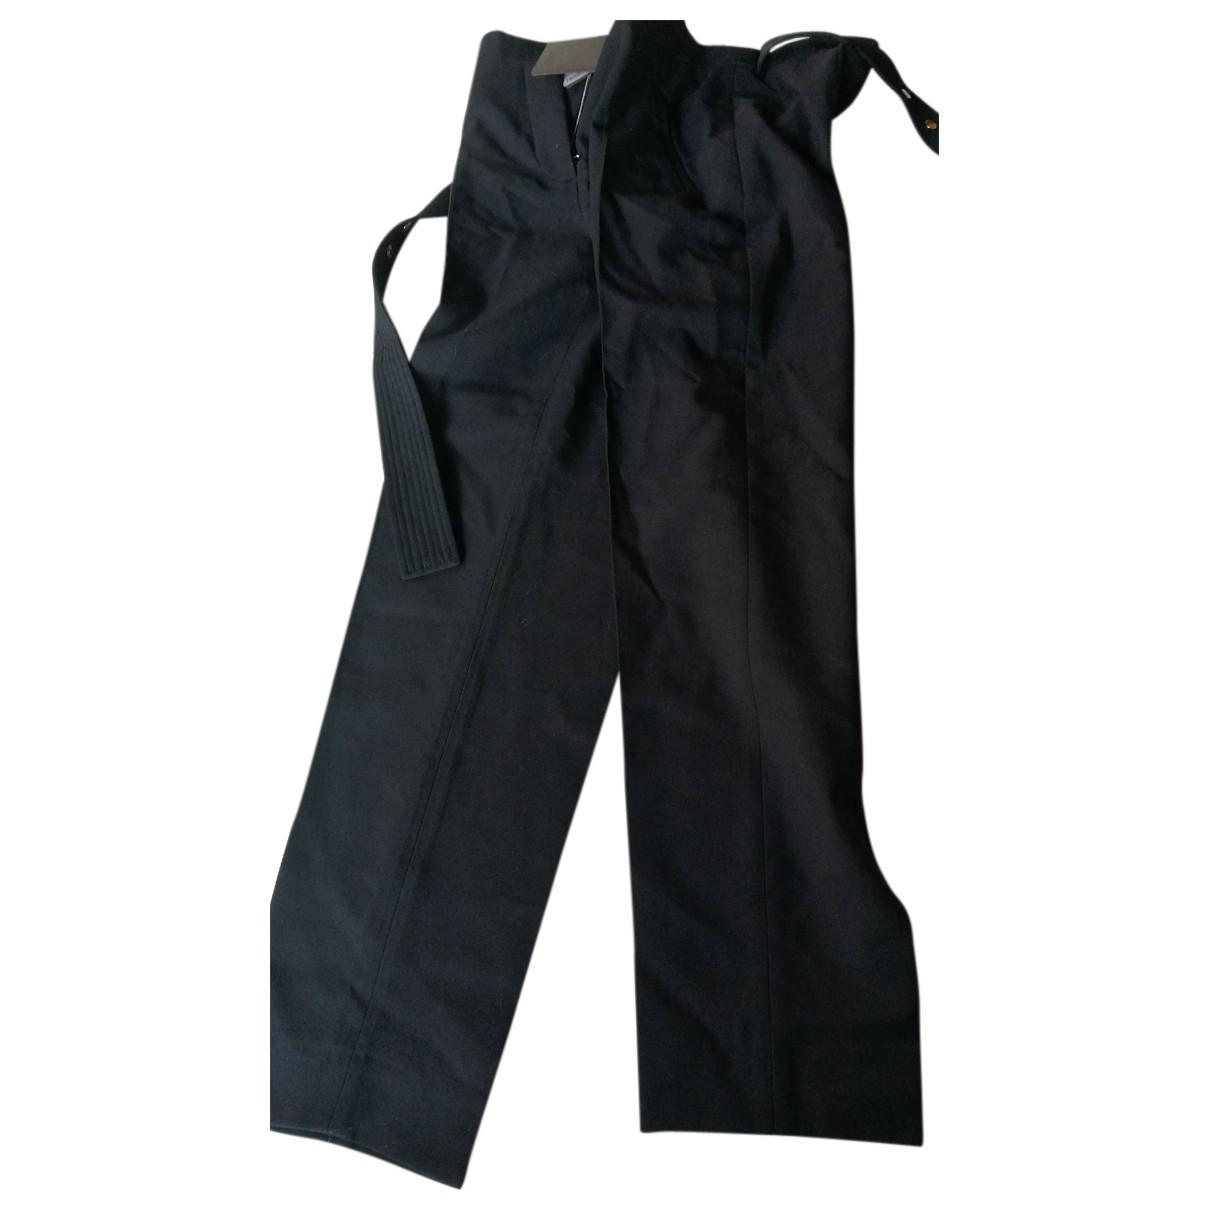 Louis Vuitton - Pantalon   pour femme en laine - noir